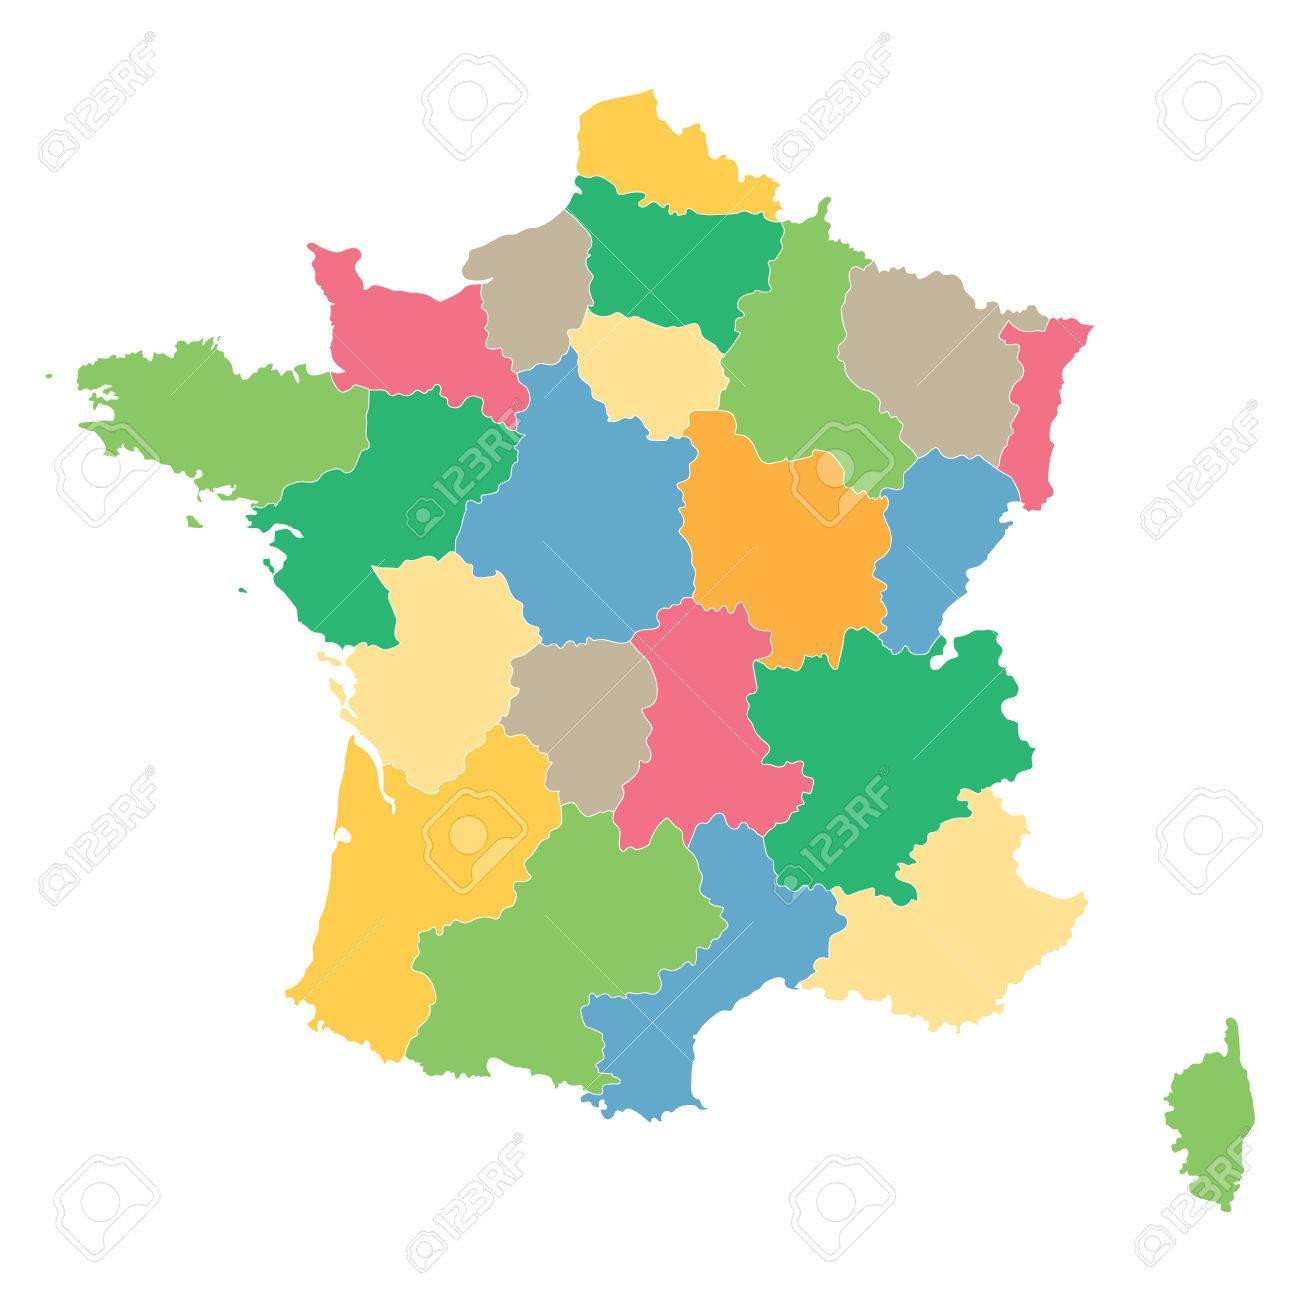 Colorful Map Of France All Regions On Separate Layers destiné Carte De Region De France